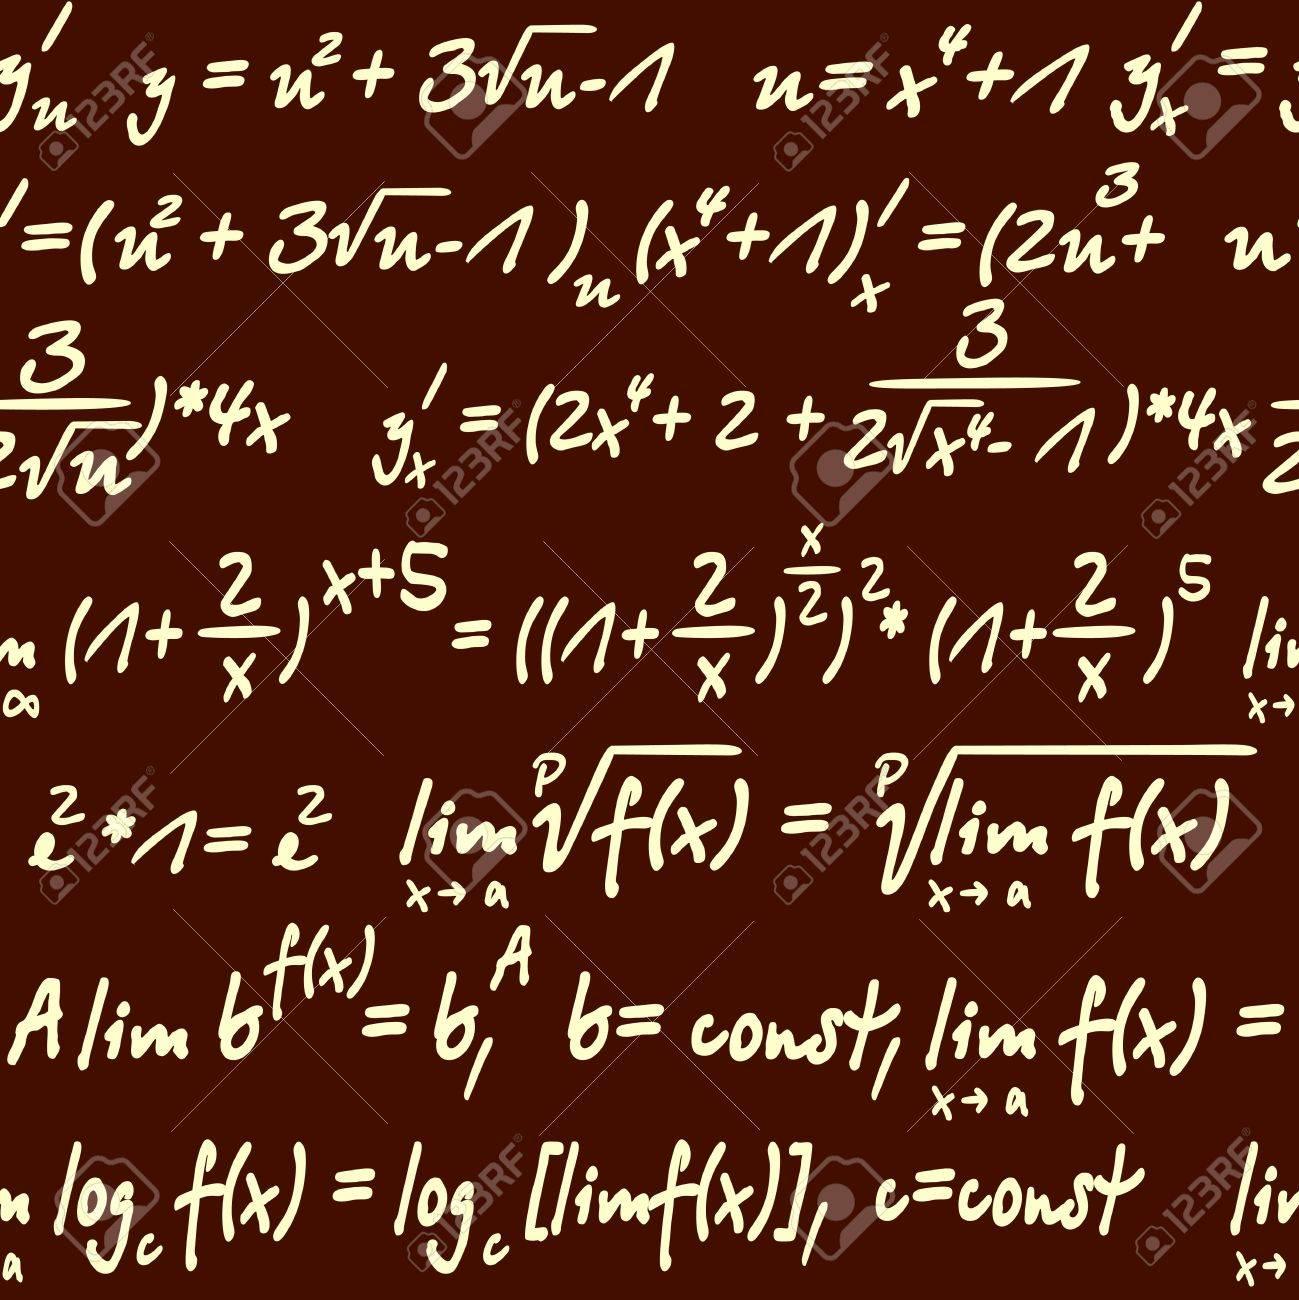 背景や壁紙のデザインのための数学記号とシームレスな科学のイラスト素材 ベクタ Image